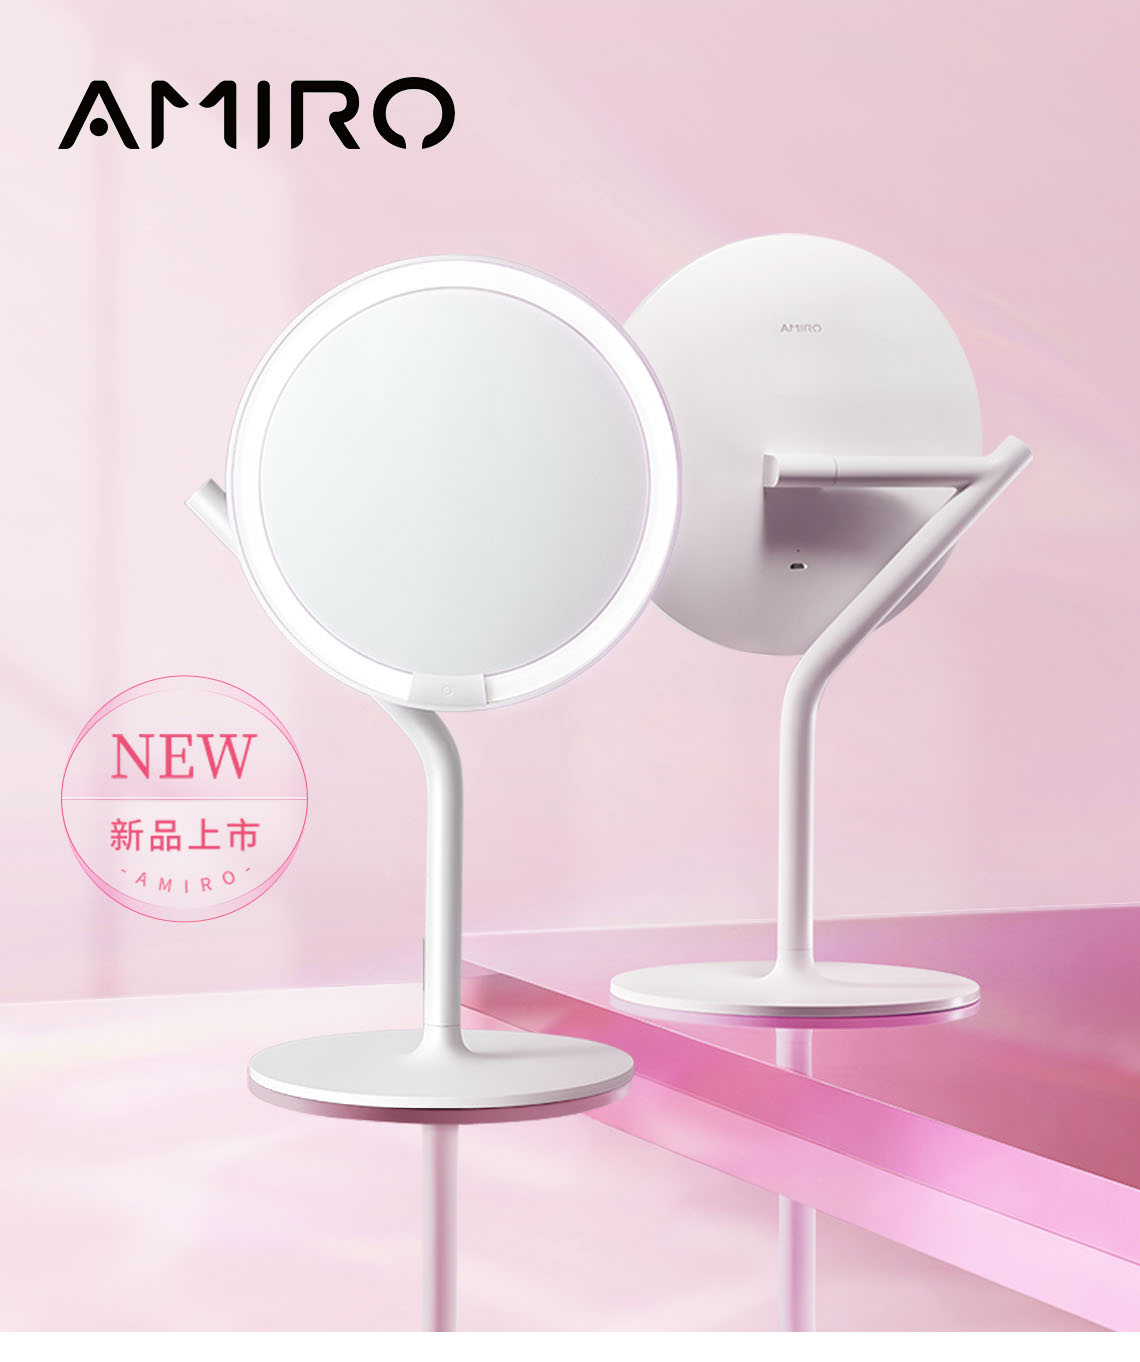 AMIRO Mini 2.0 高清日光化妝鏡具備 95% 日光還原的高顯色光源,能展現專業化妝室的照度,化妝從此無色差。 360° 發光無死角,內建五種亮度可以自由調節,在不同環境都能帶來全臉均勻亮度無陰影的絕佳化妝體驗。